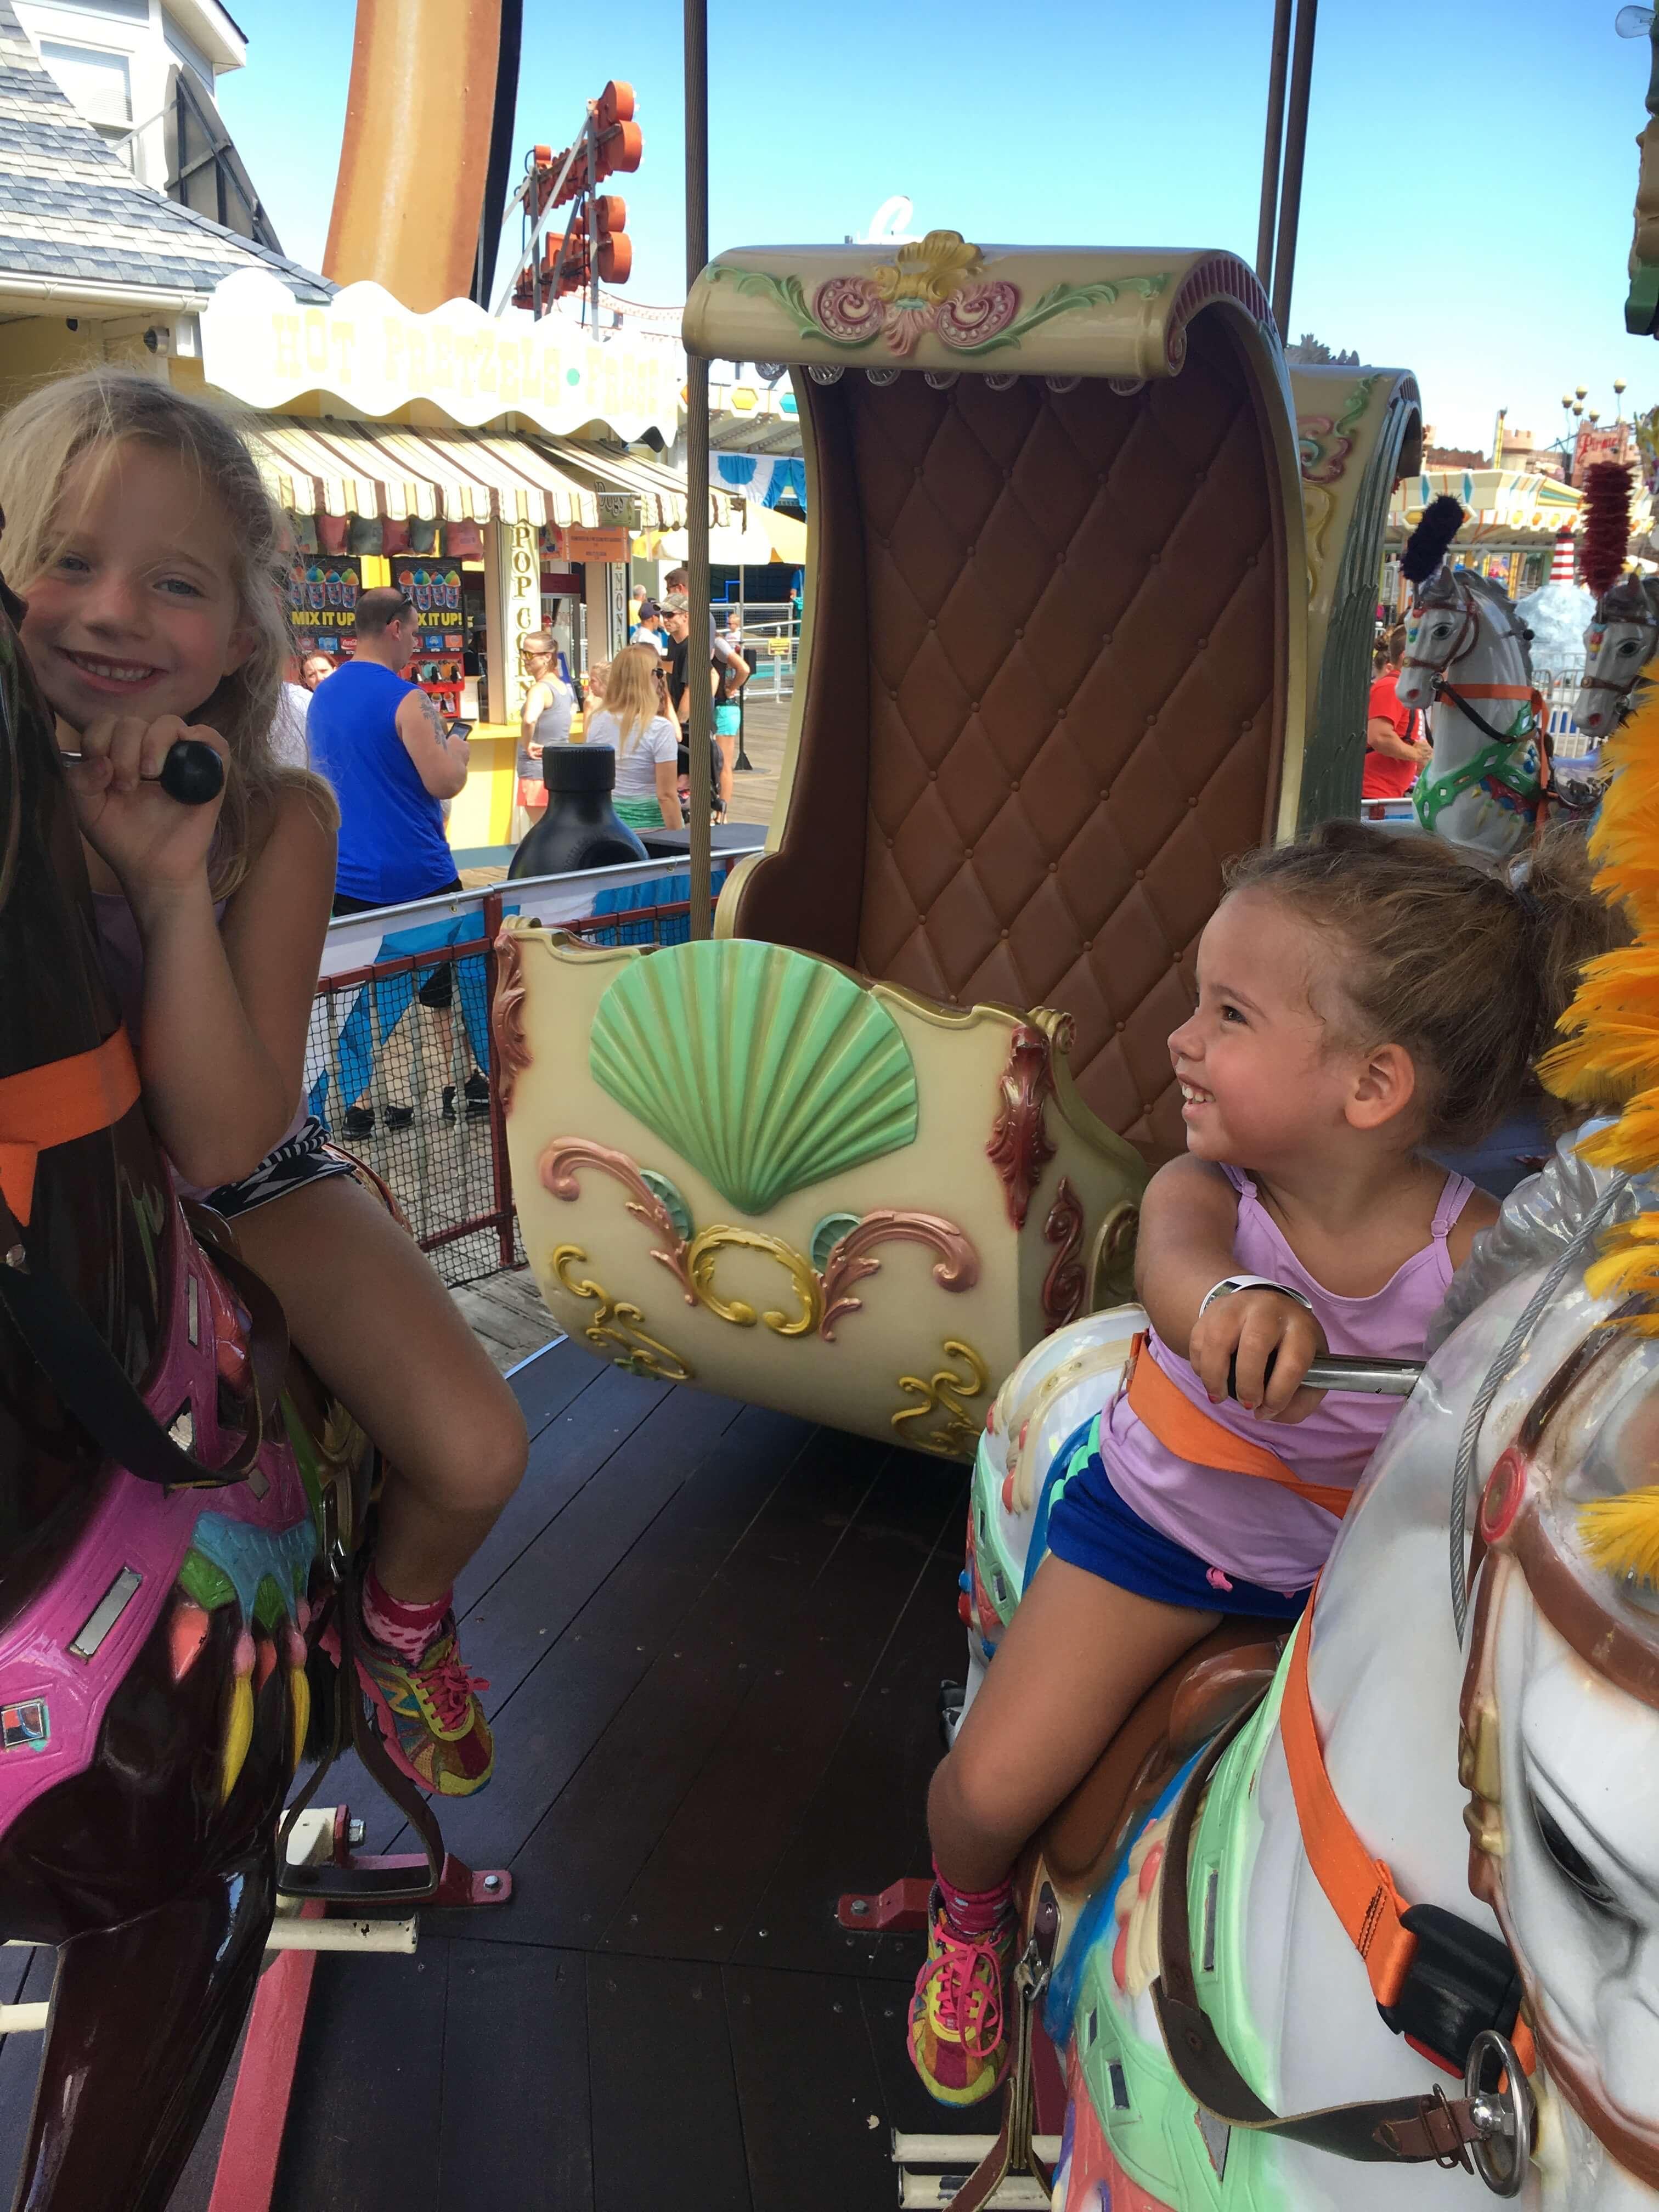 carousel Fall Fun at Morey's Piers fun rides